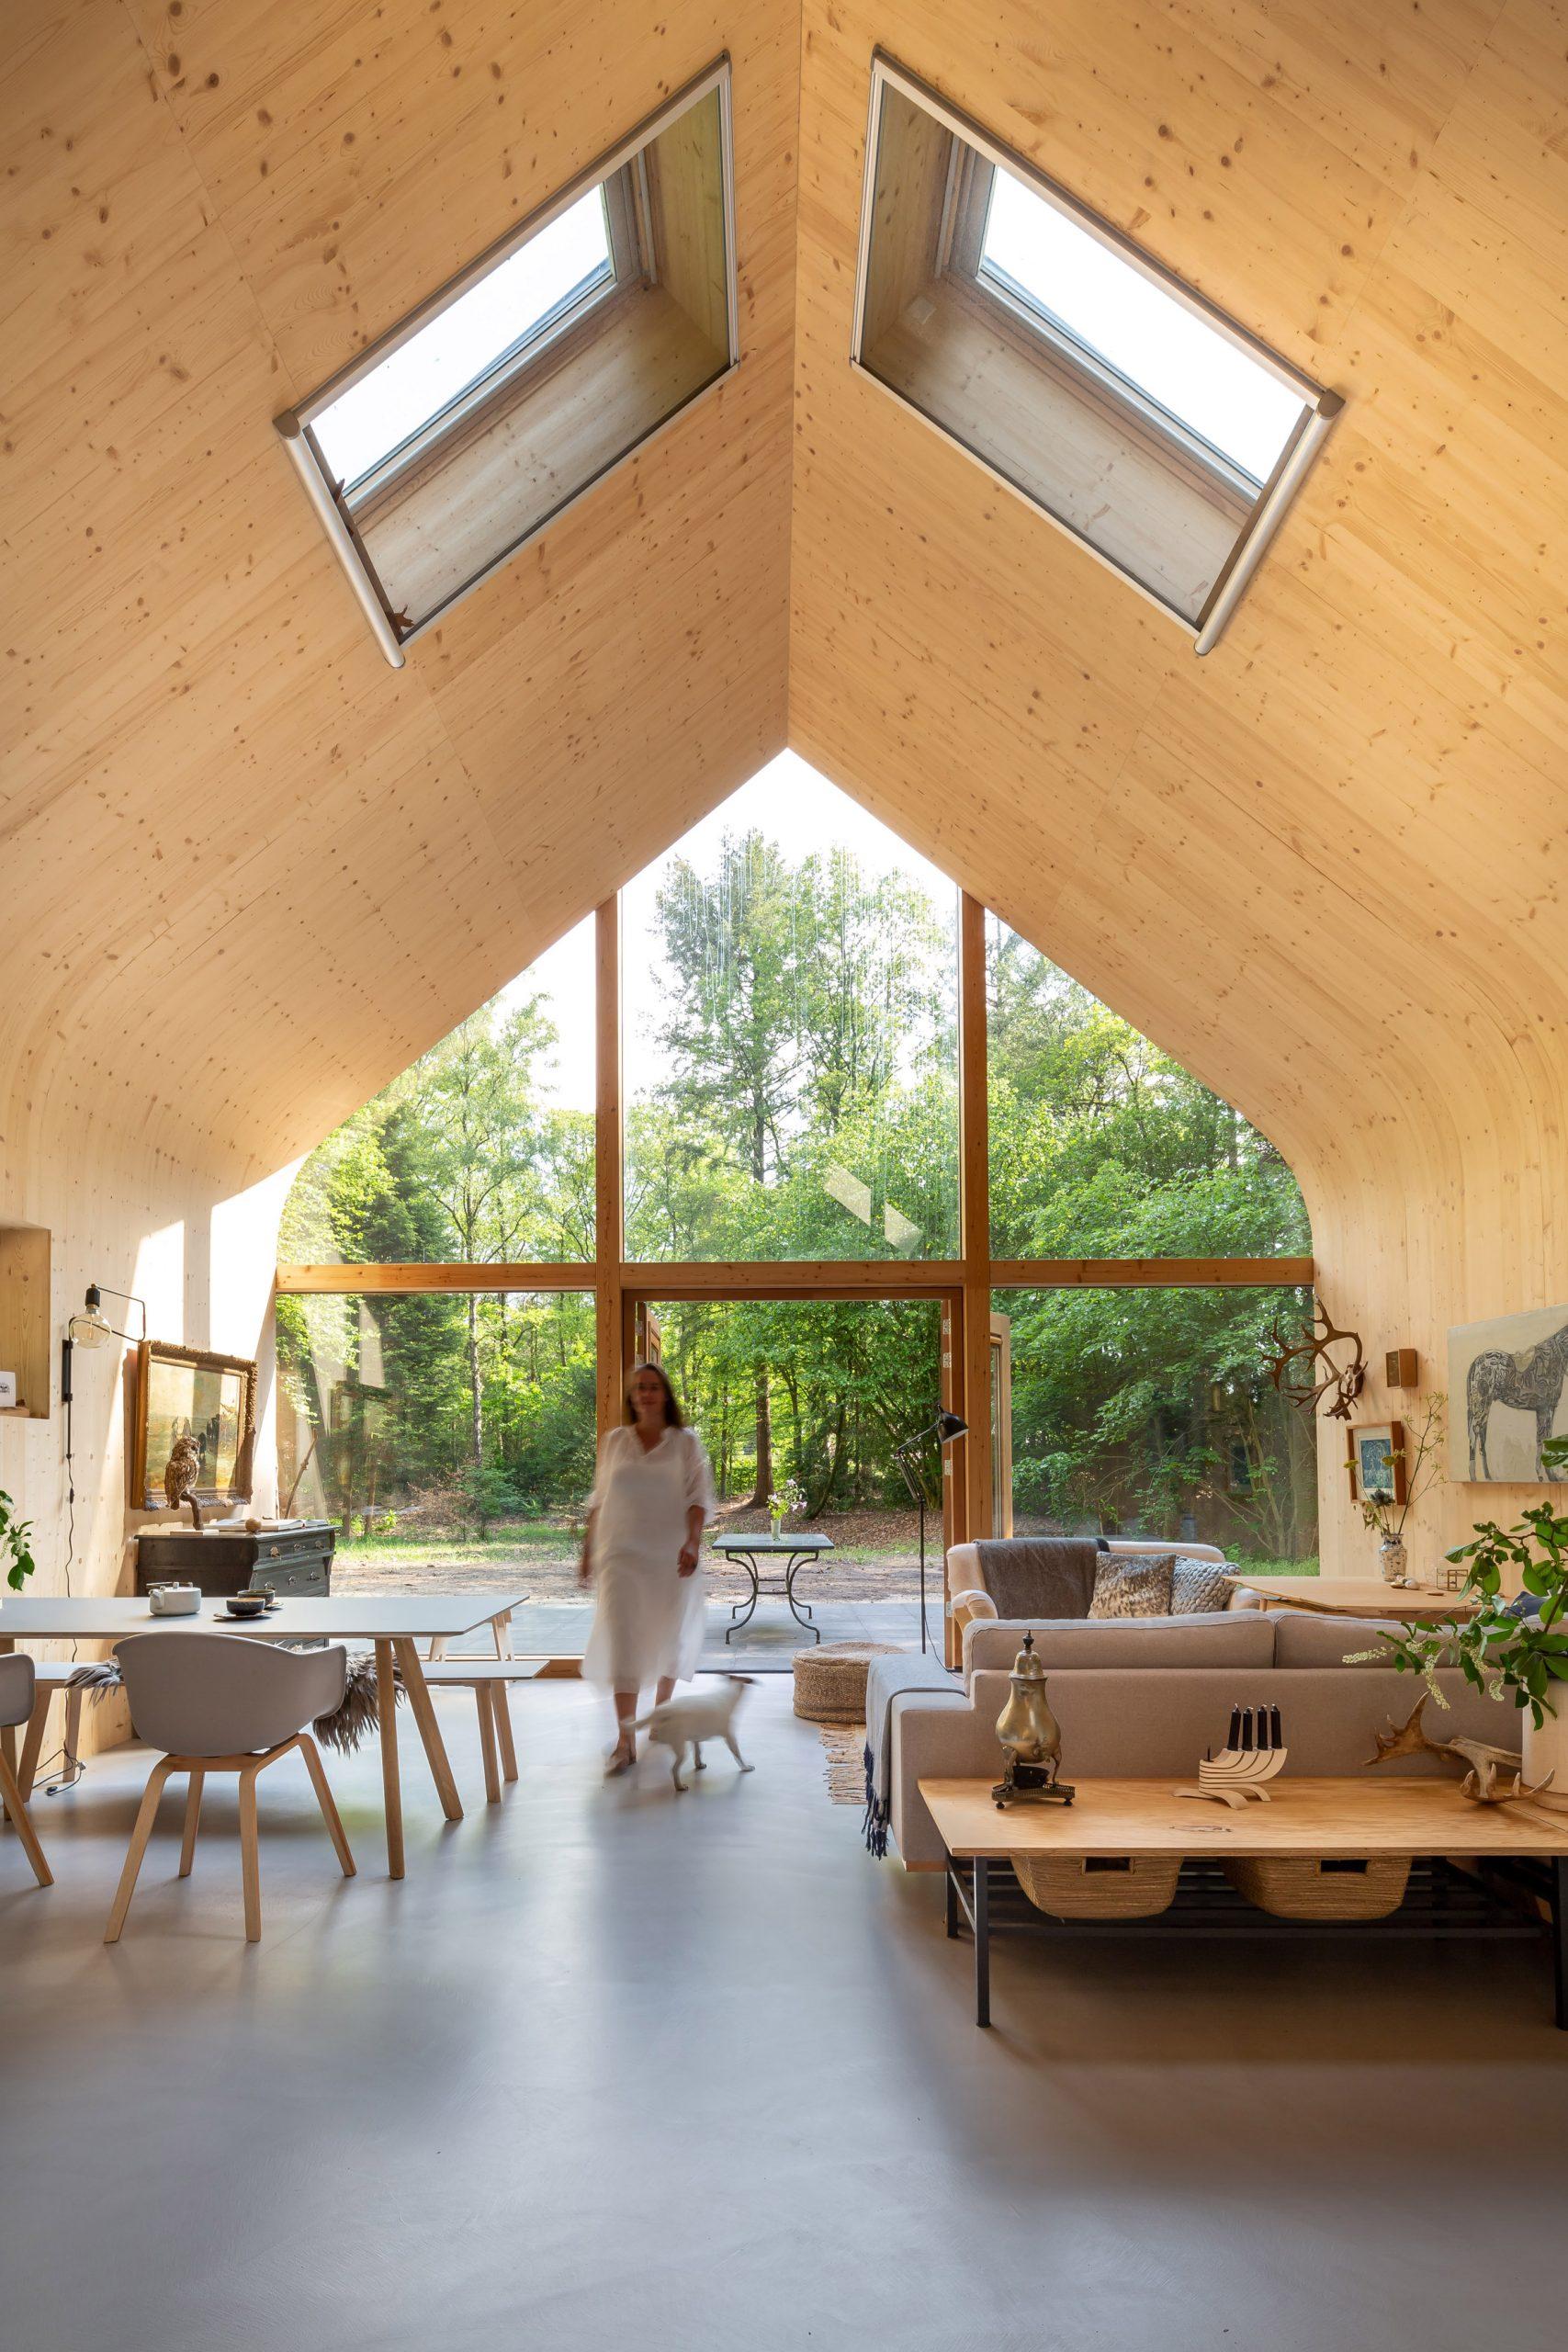 El techo, a dos aguas y con tragaluces